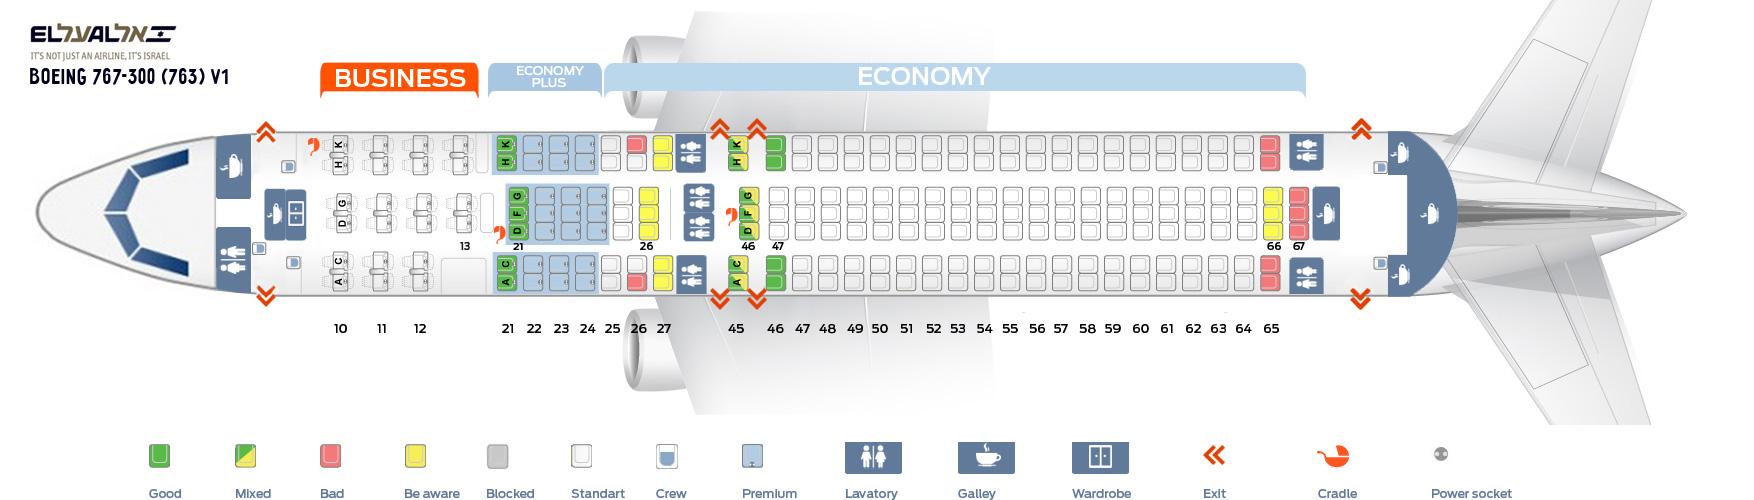 Seat Map Boeing 767-300 (763) V1 EL AL